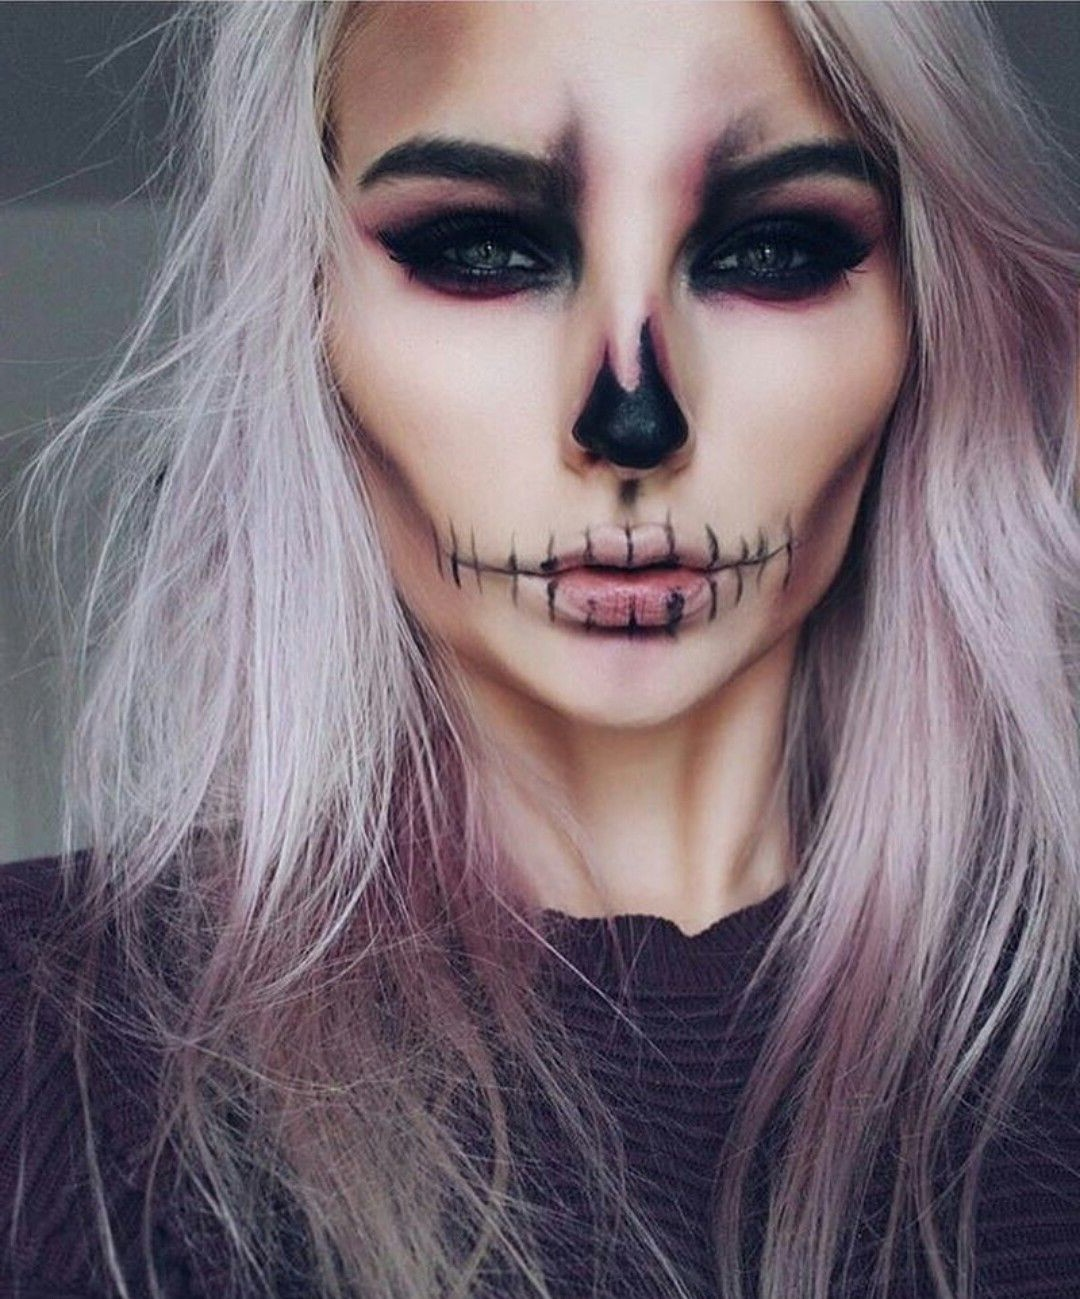 C'est la veille de la fête d'Halloween que votre ami vous a invitées il ya quelques semaines, mais vous n'avez pas de costume?